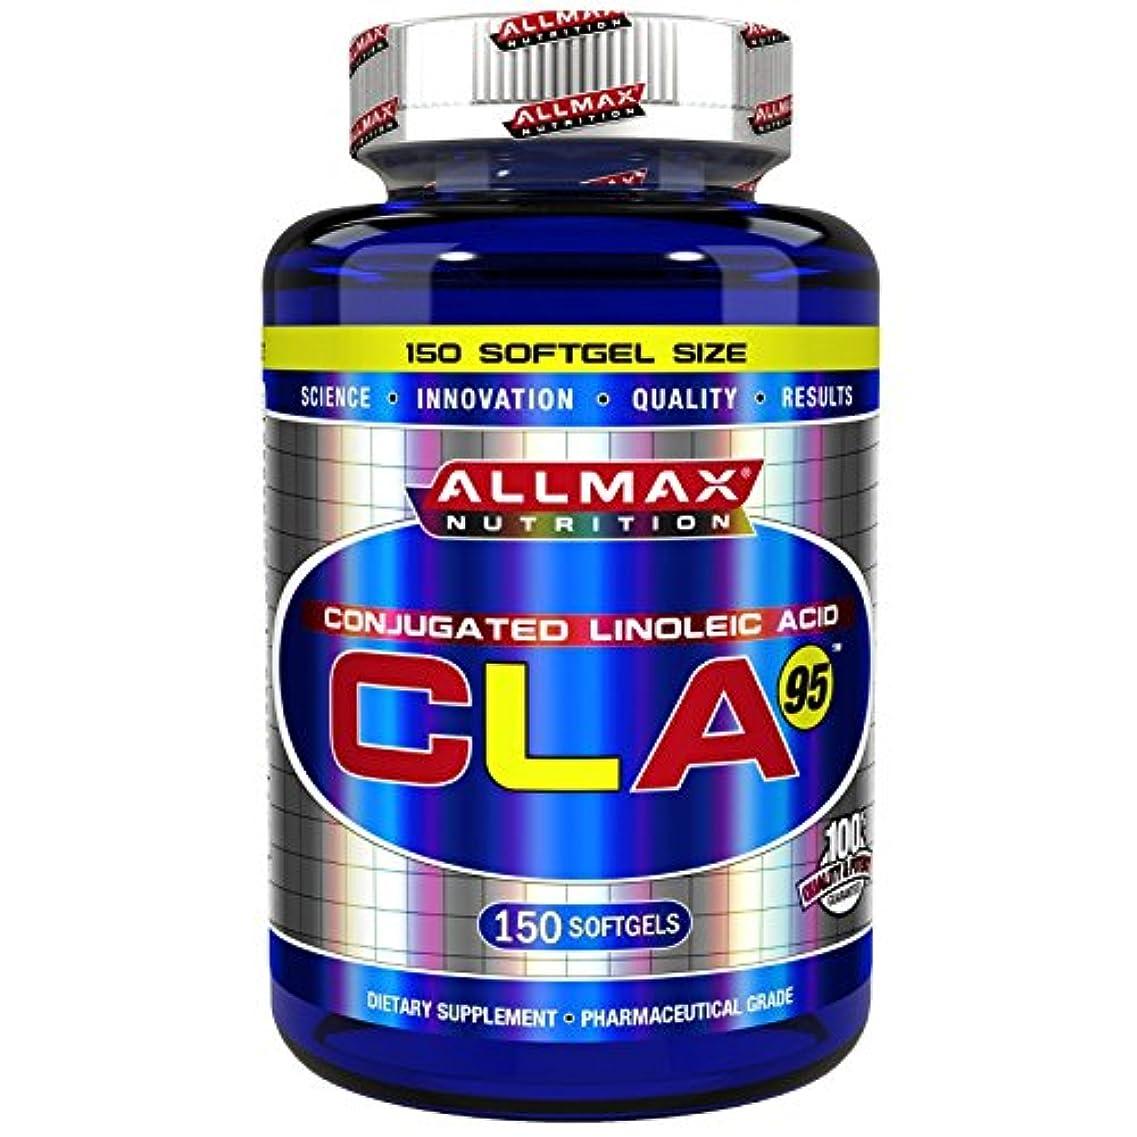 ではごきげんよう学校ジョグ海外直送品 Allmax Nutrition CLA 95 150 Softgels